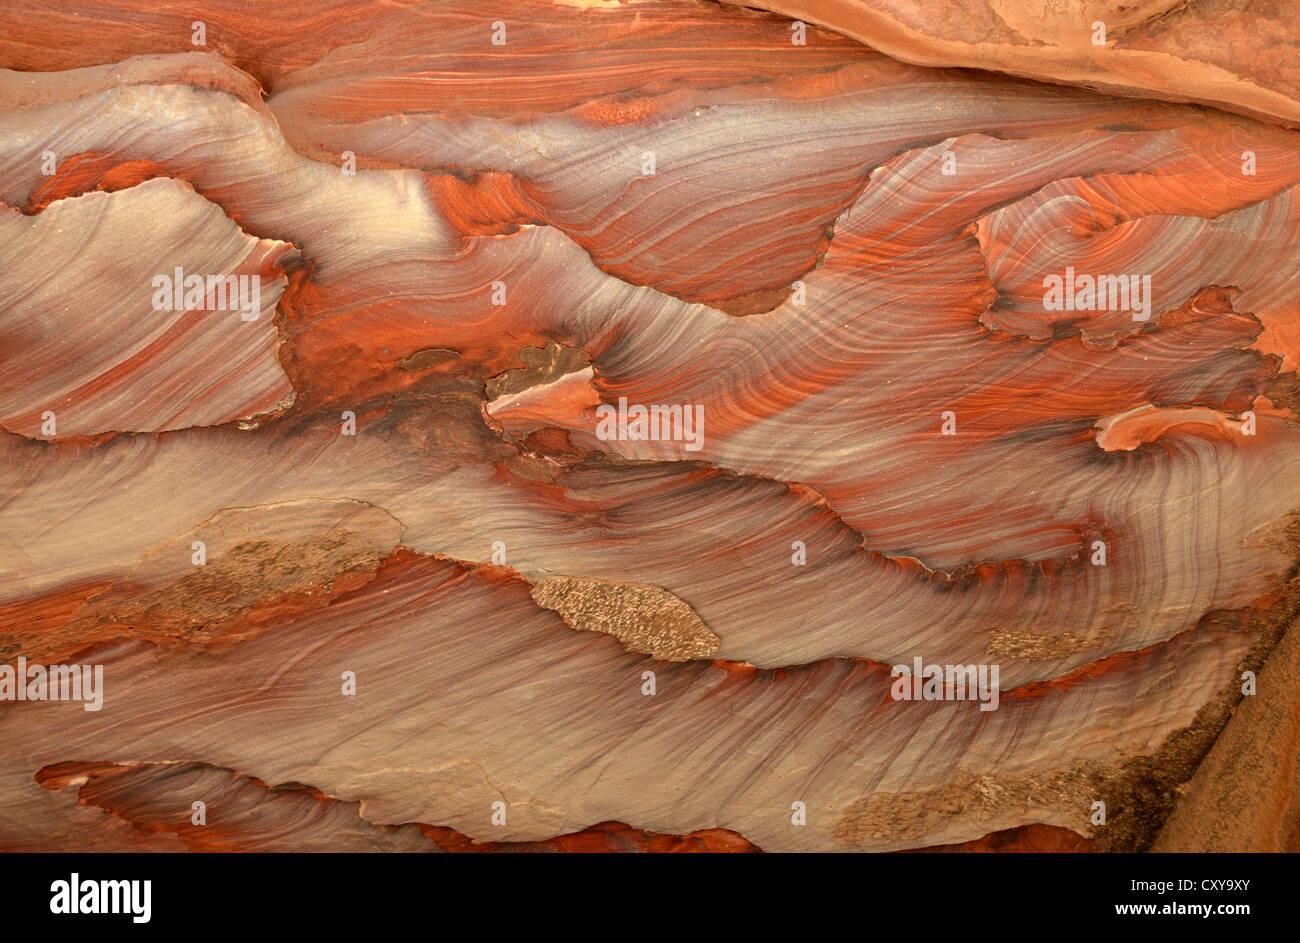 Techo de piedra pulida en una cueva de piedra tallada, Petra, Jordania Imagen De Stock